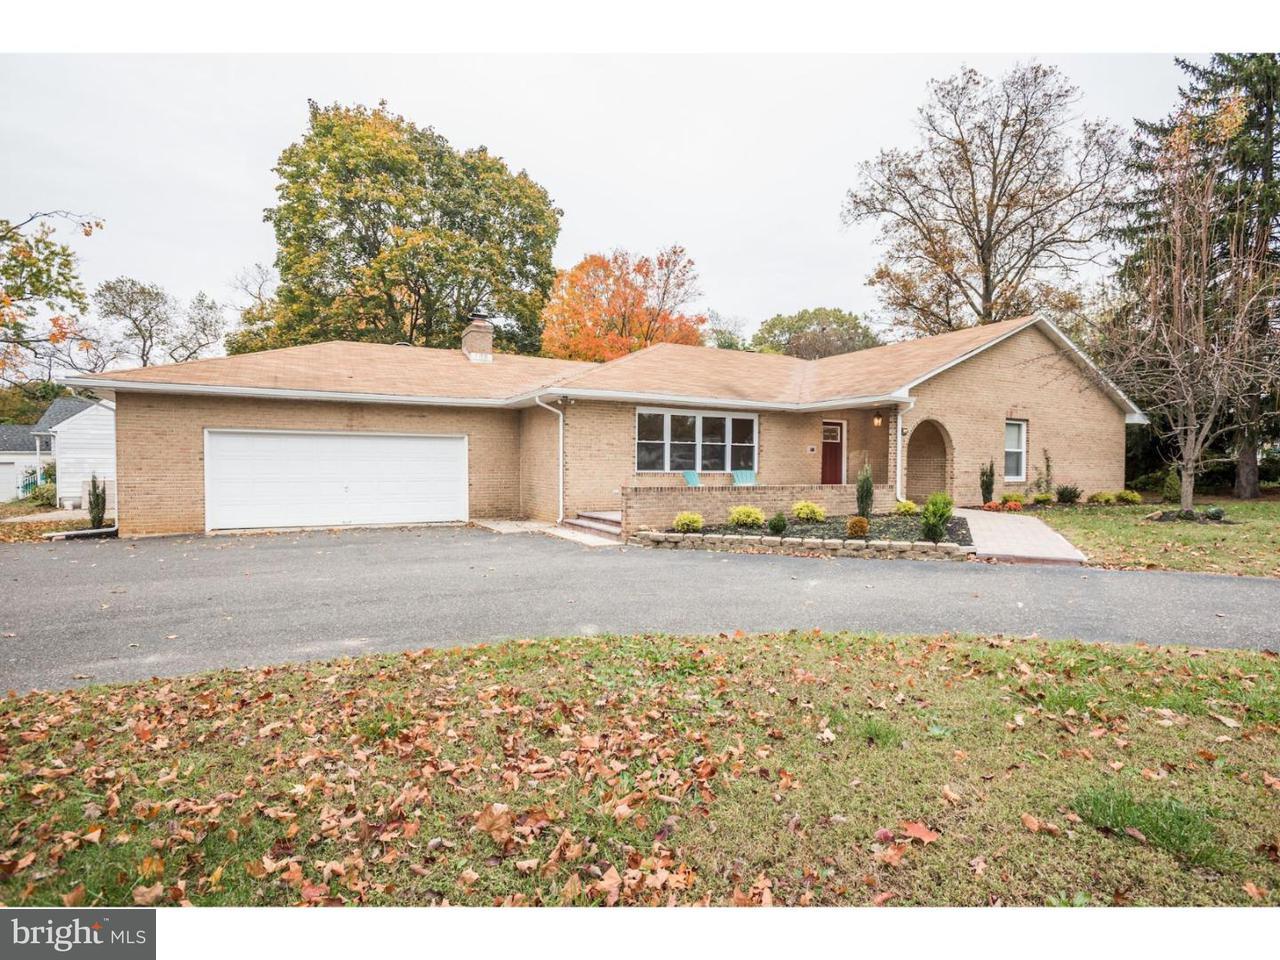 Частный односемейный дом для того Продажа на 500 MANOR Road Cinnaminson, Нью-Джерси 08077 Соединенные Штаты